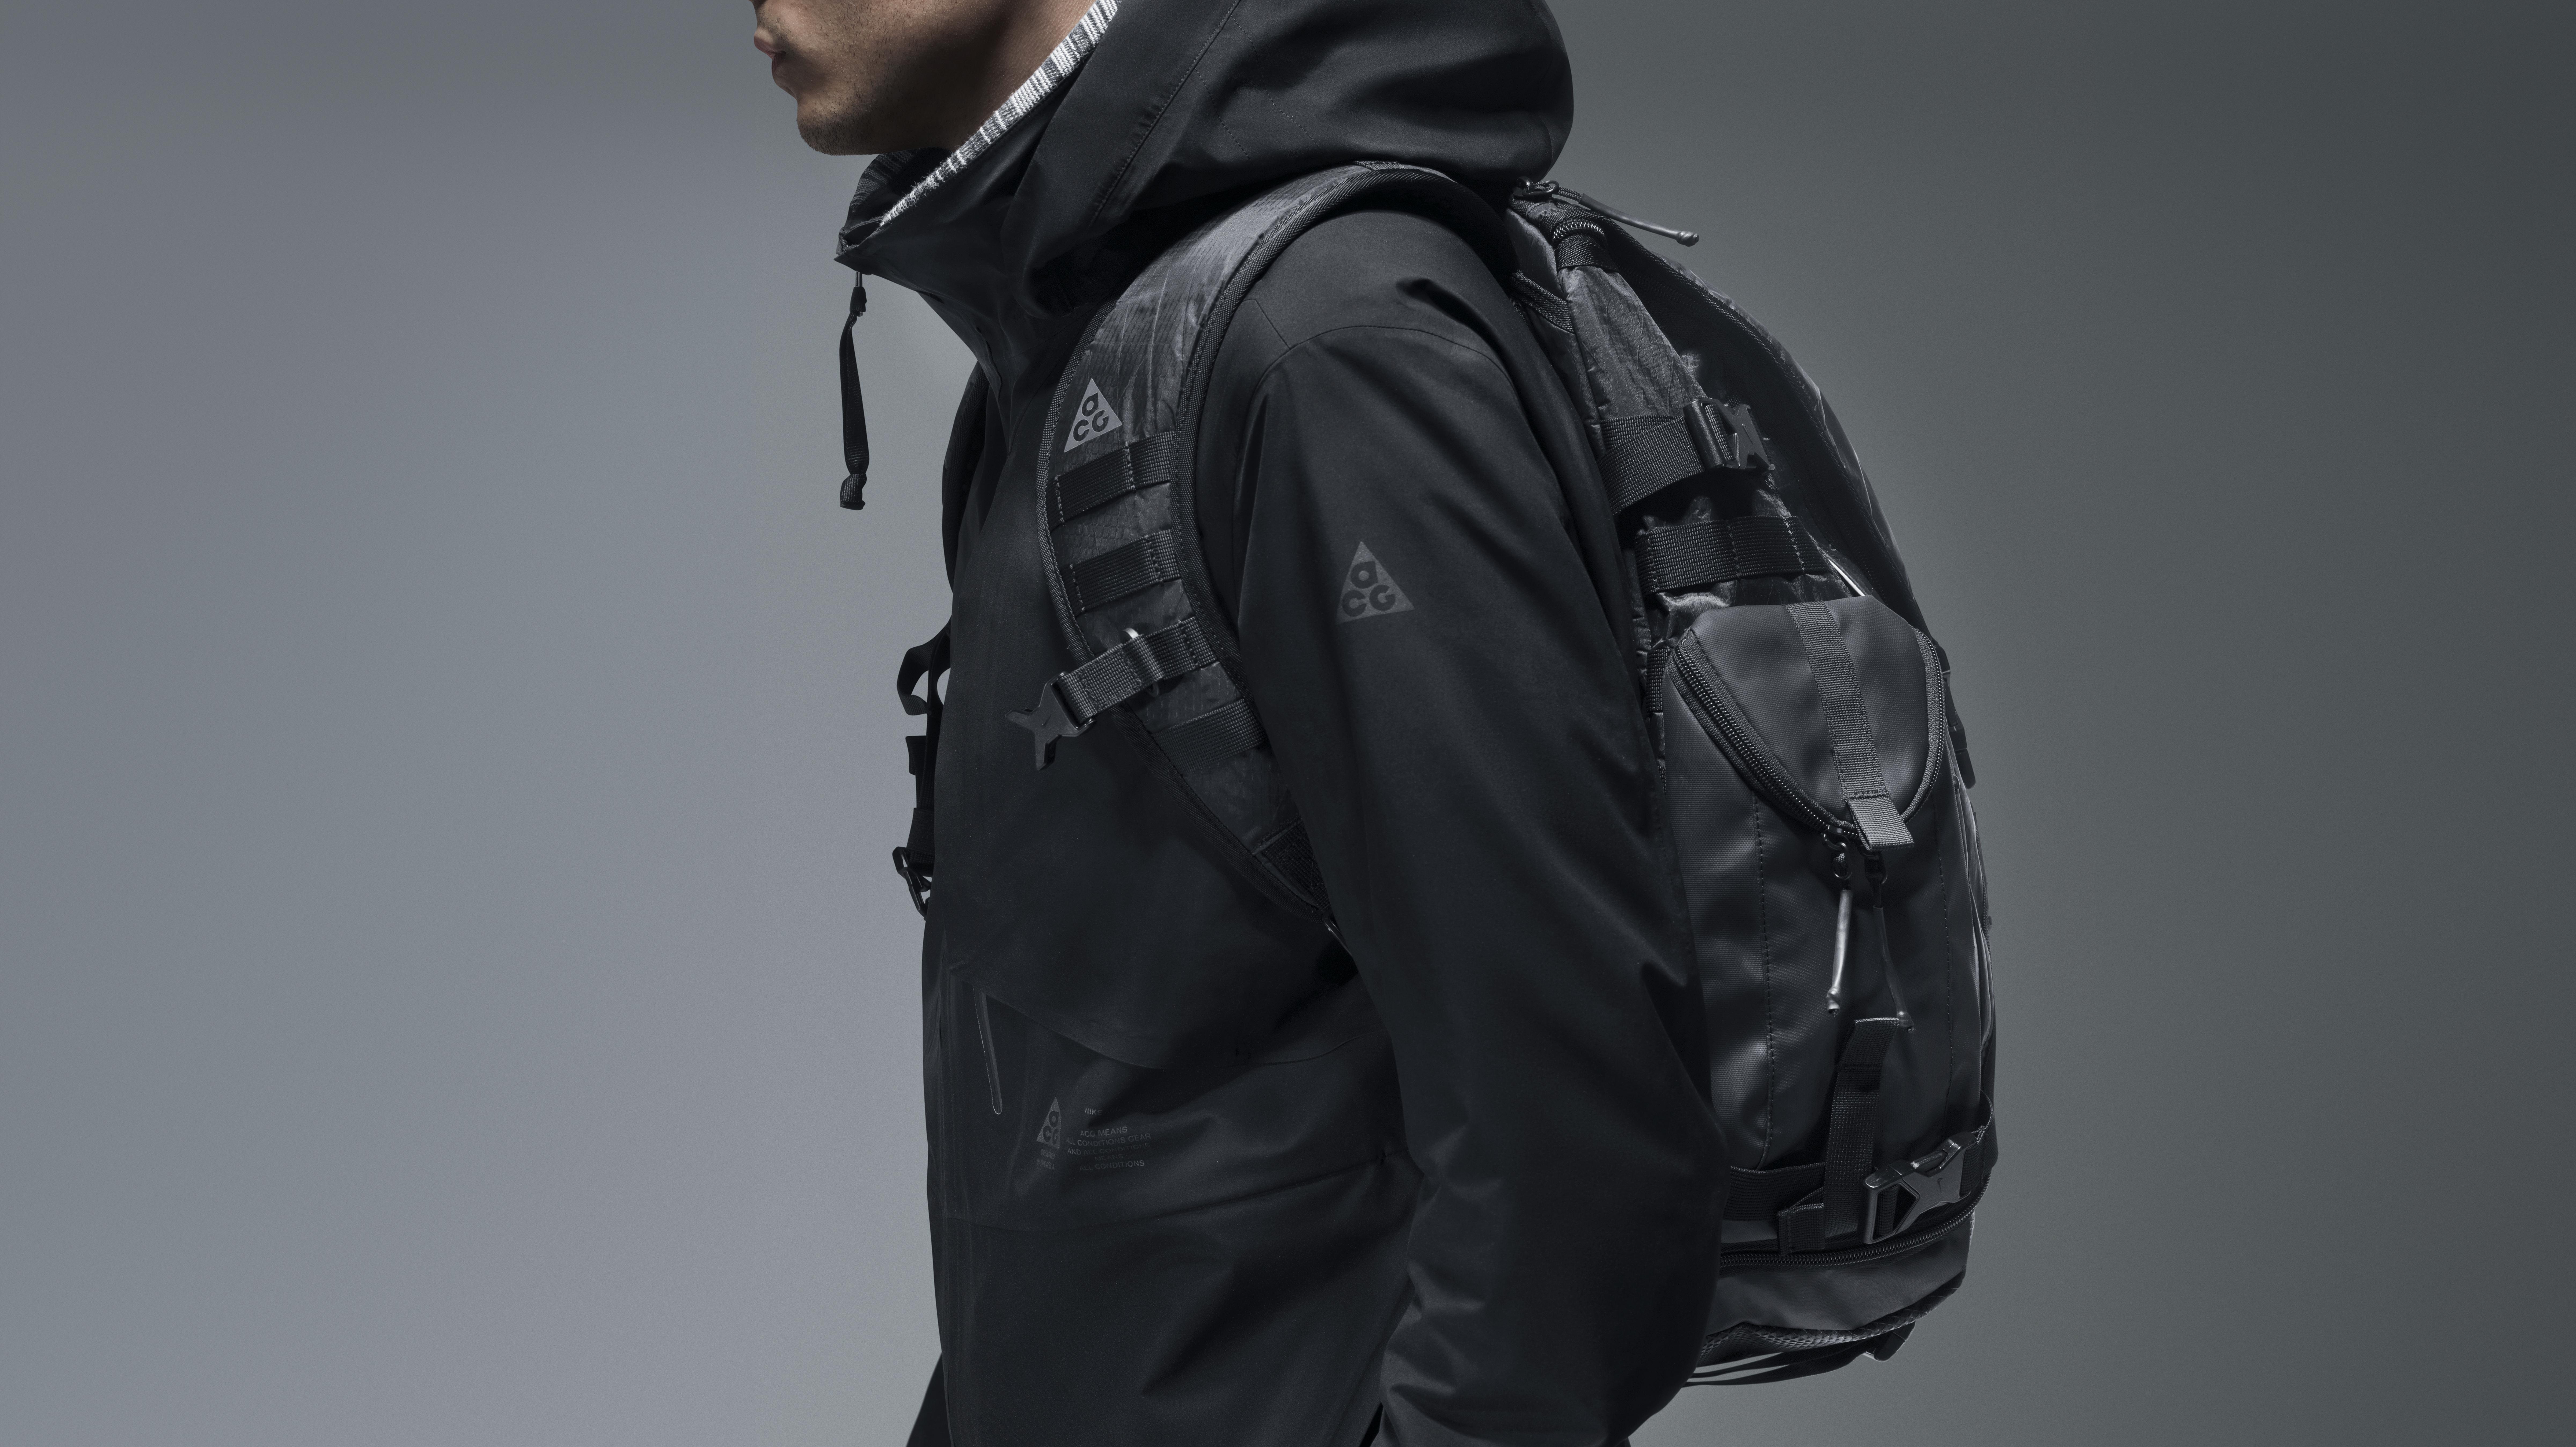 nike sb backpack 2014